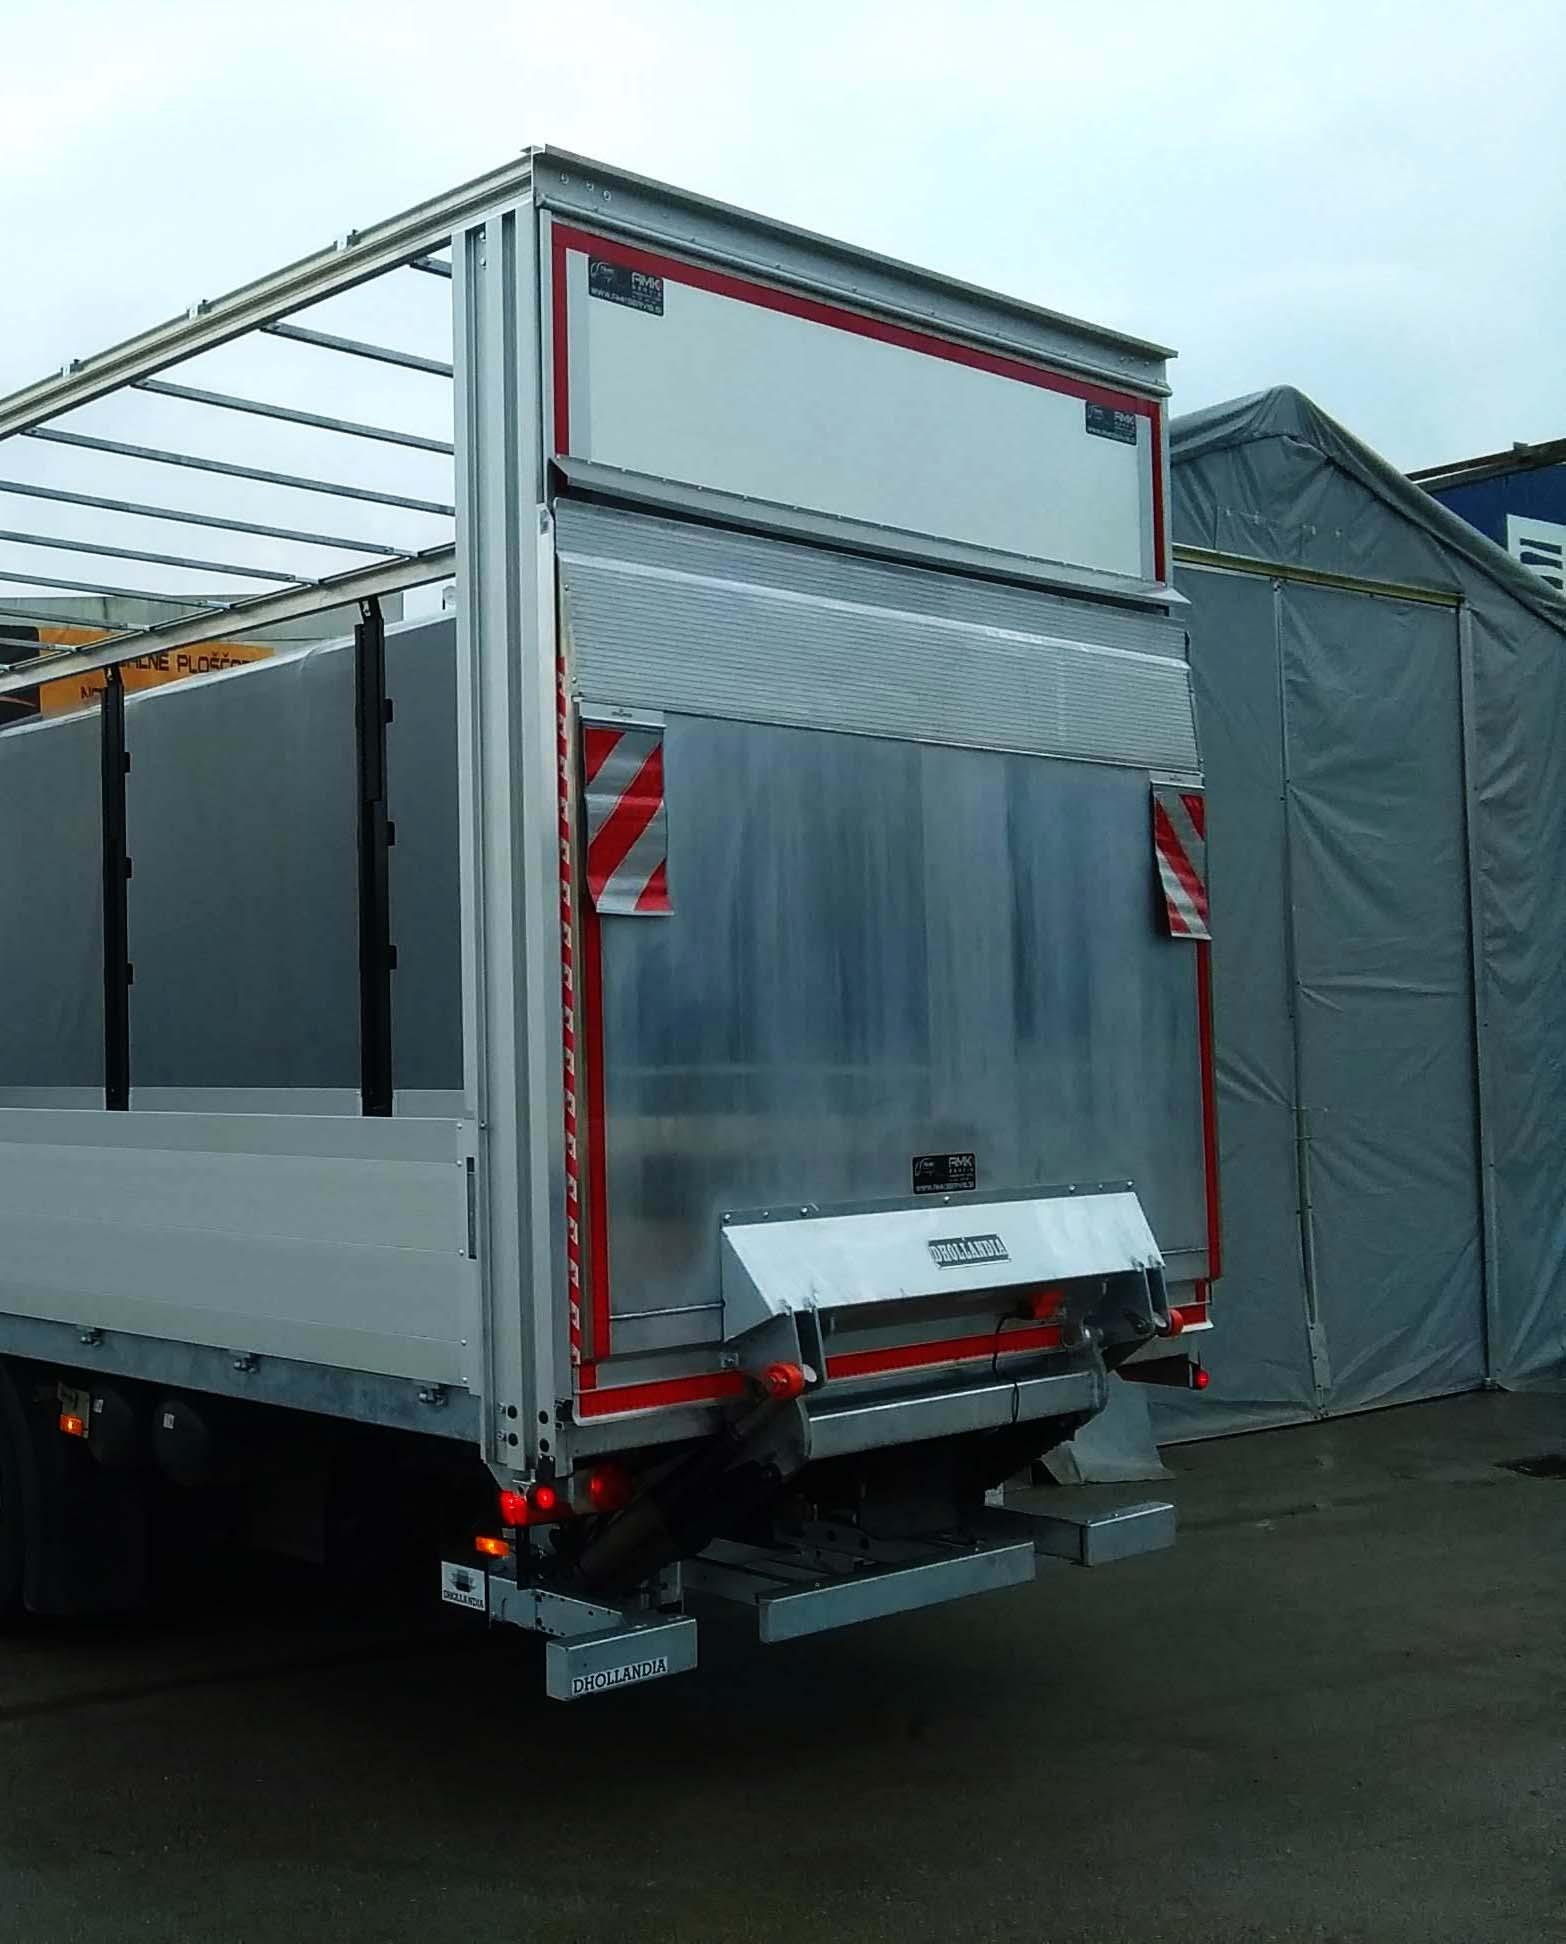 1500 kg nosilnosti aluminijaste lahke nakladalne ploščadi